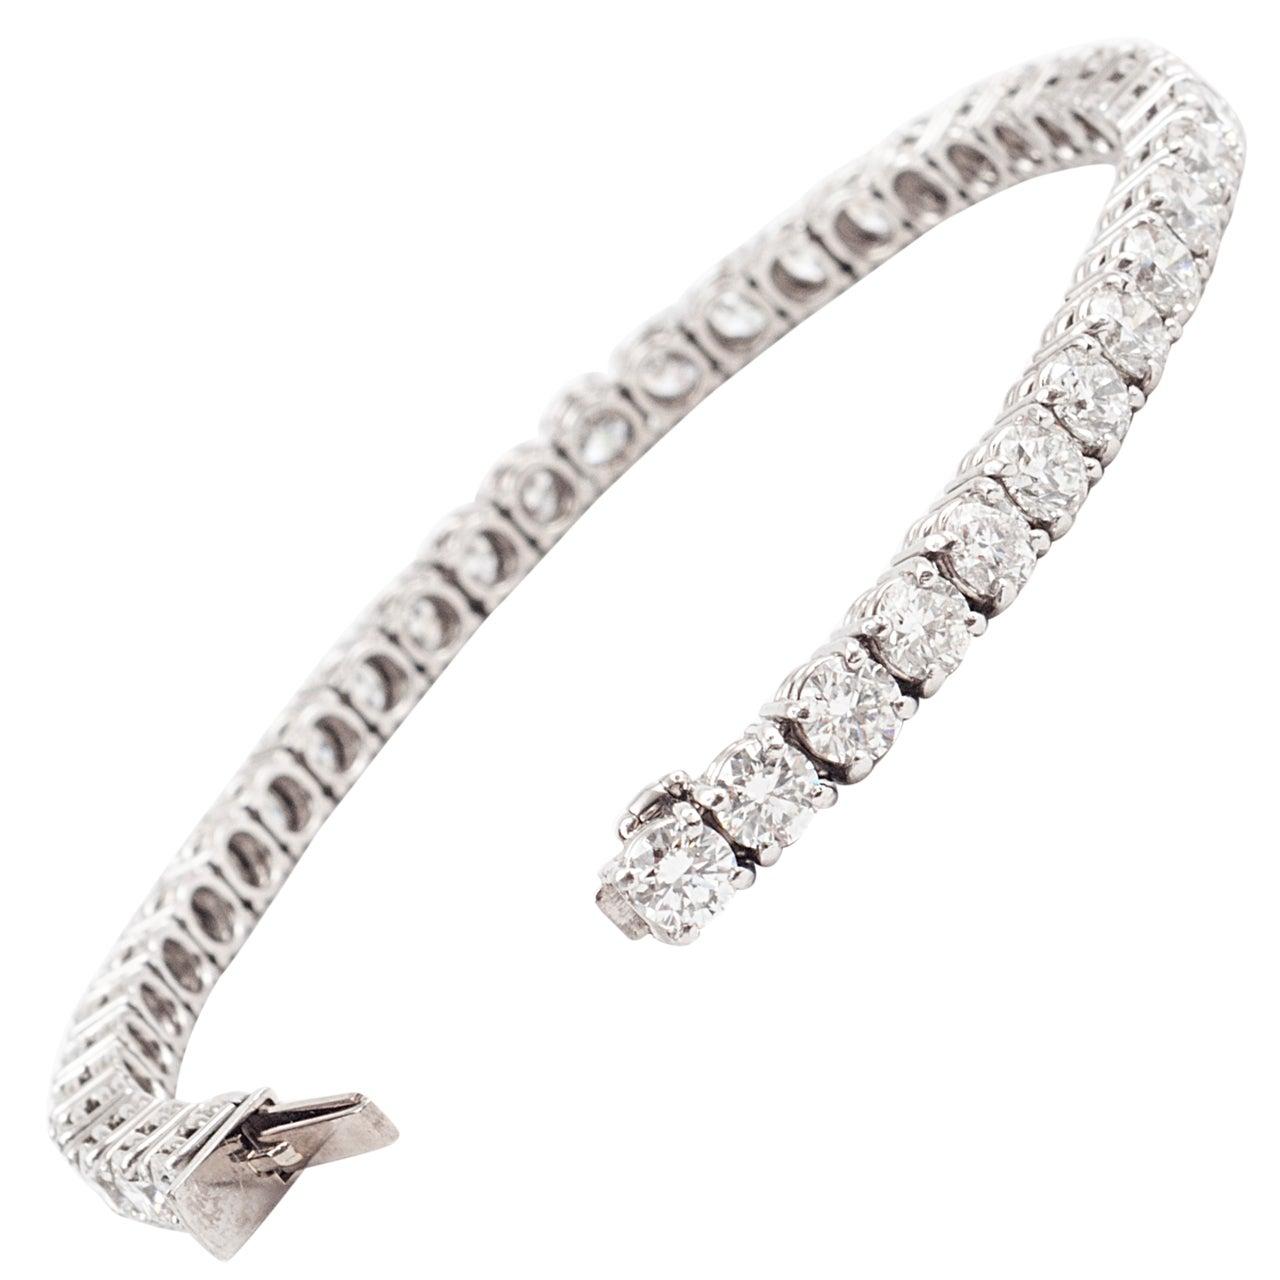 Platinum and Premium Cut Diamond Tennis Bracelet